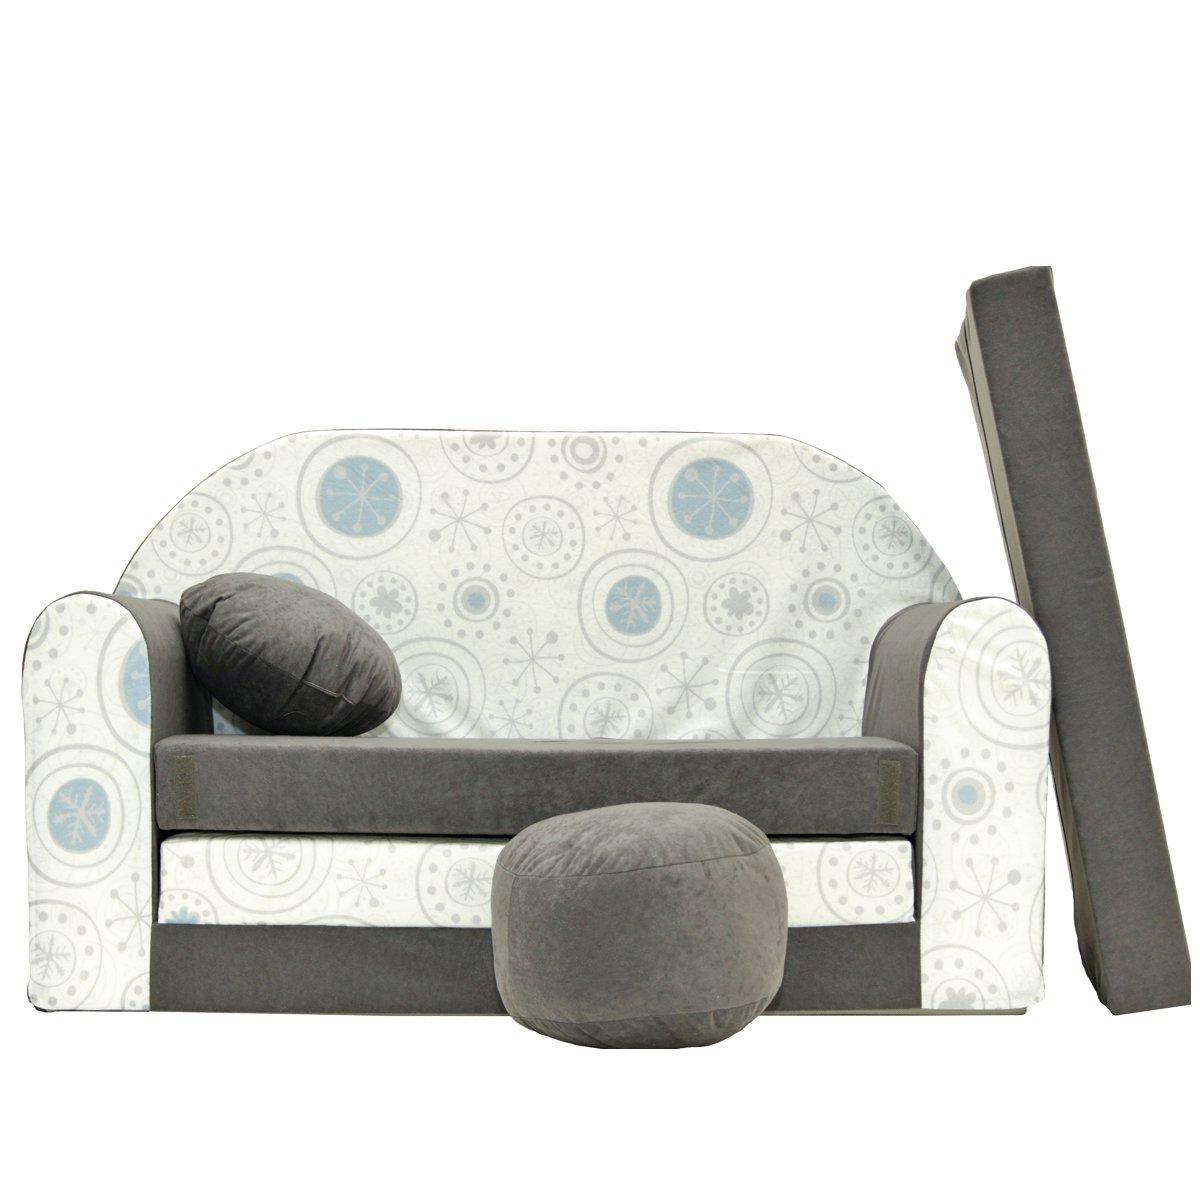 A50bambini Sofa Divano Letto Divano Sofa Mini Couch 3in 1Baby Set + sedia per bambini e cuscino + MATERASSO Grigio con modello